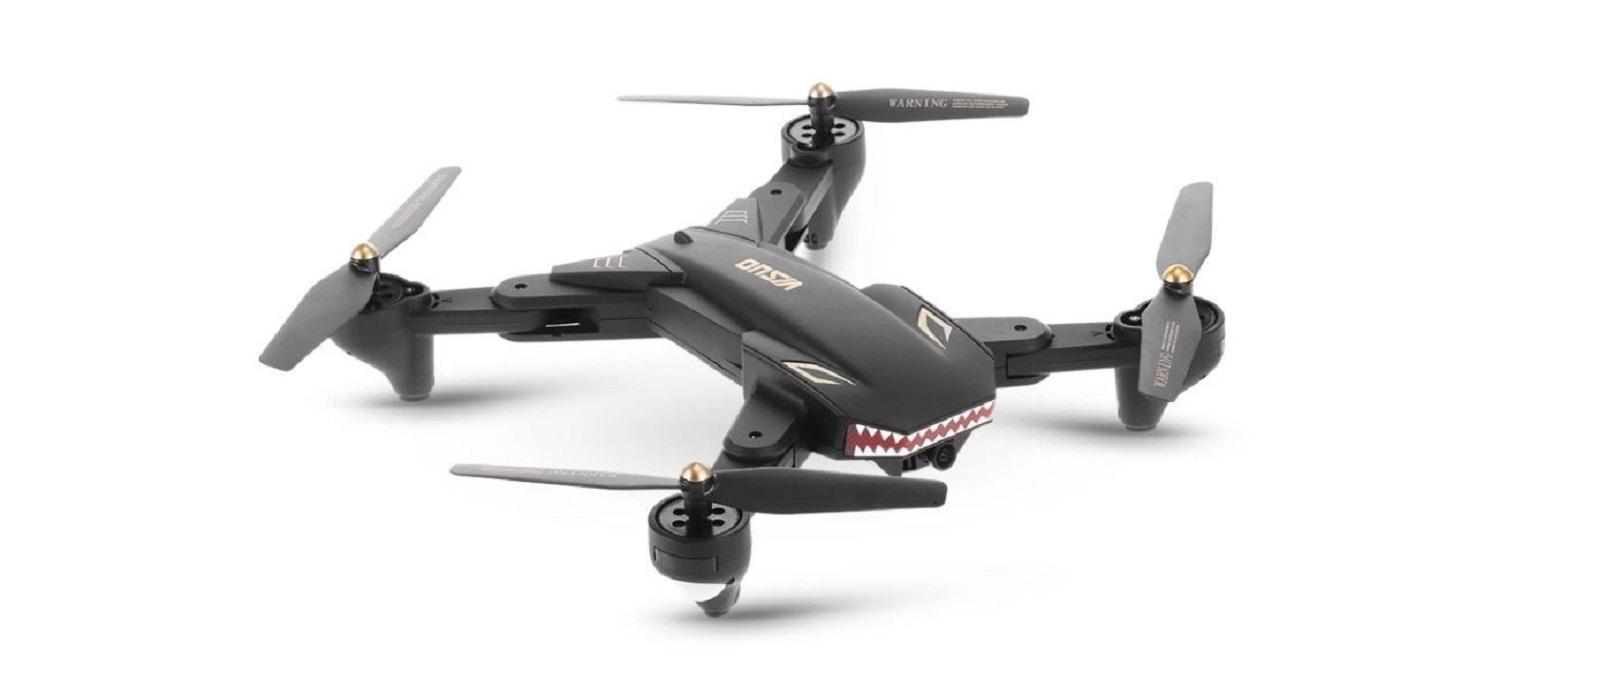 VISUO XS809S je skvělý kompaktní RC dron, který můžete získat se slevou 55 % na Cafago.com [sponzorovaný článek]